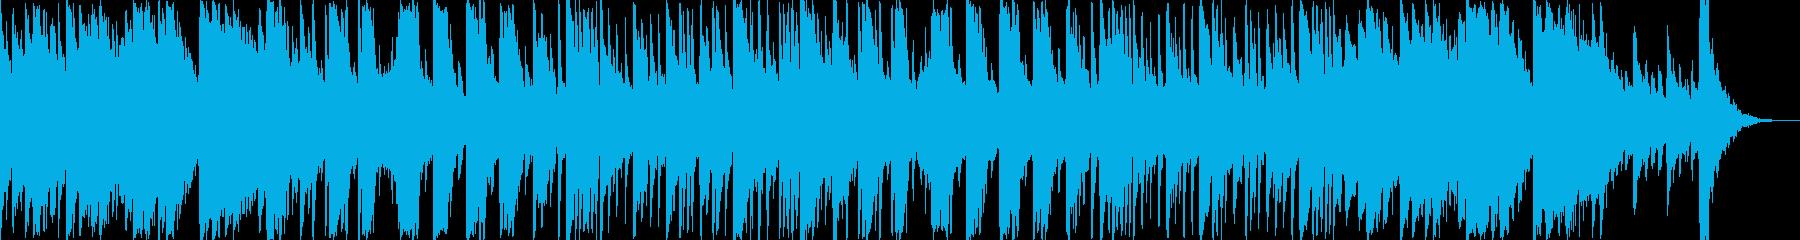 Jpopのアコースティックアレンジ風の再生済みの波形